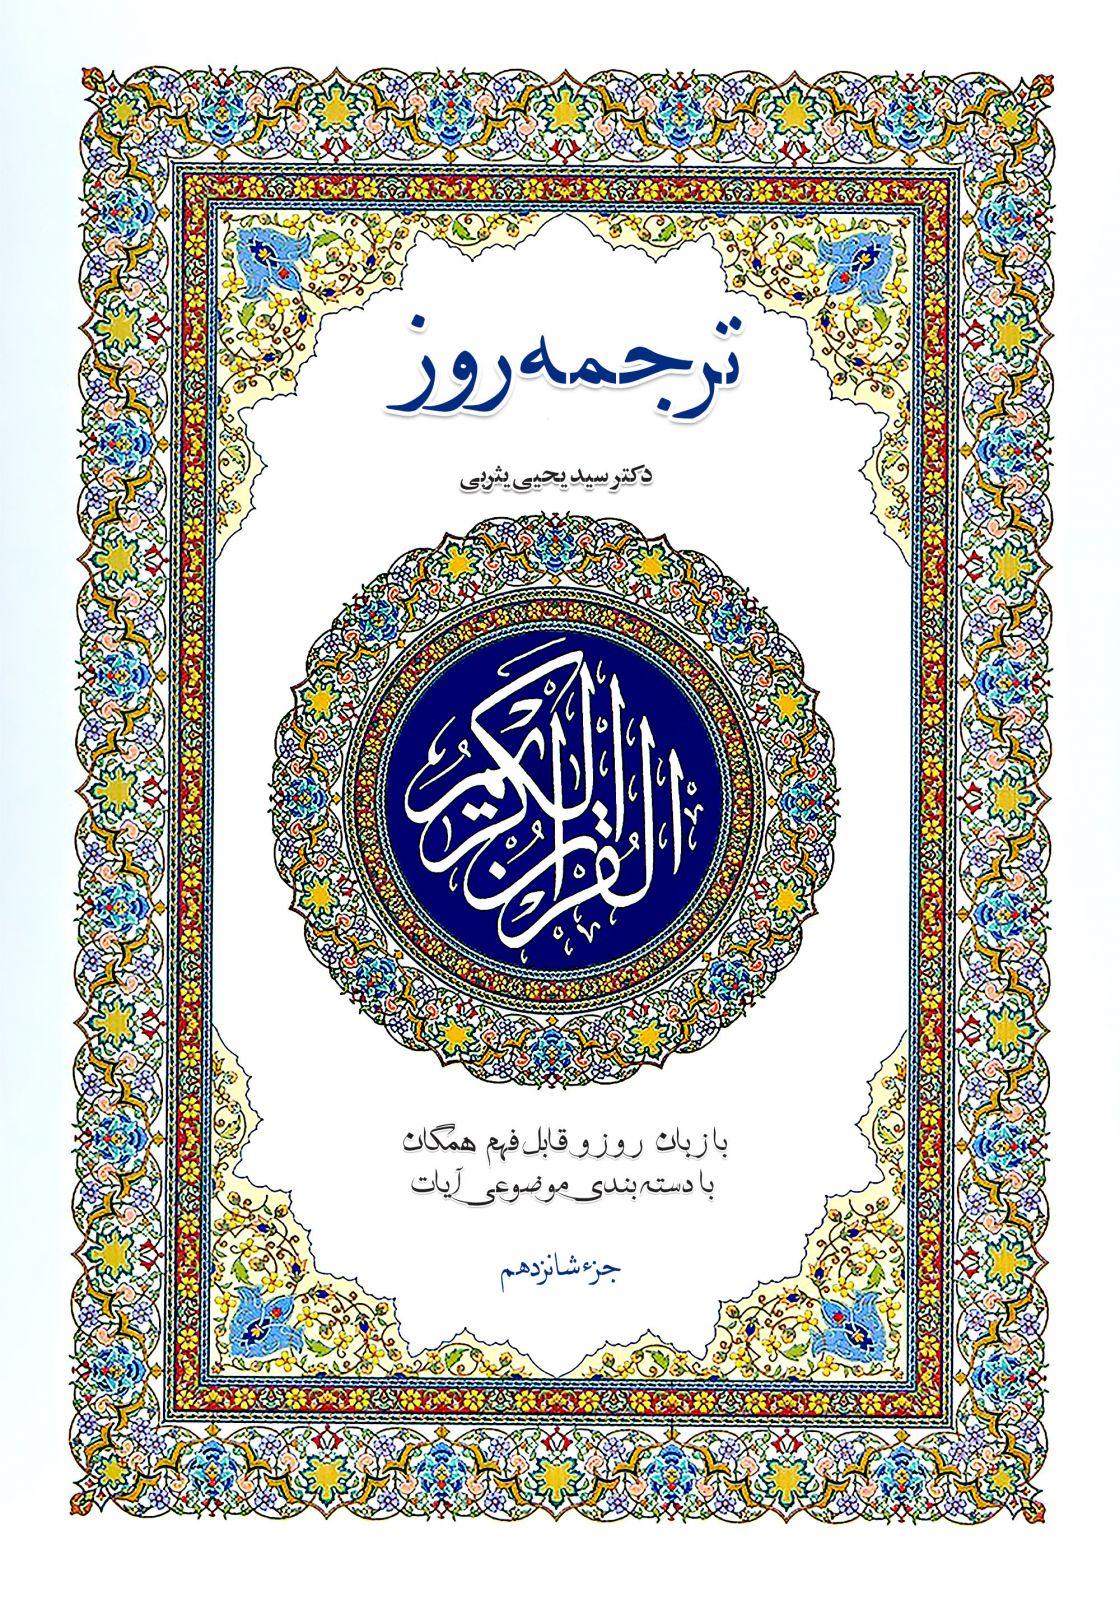 قرآن کریم (جزء شانزدهم)